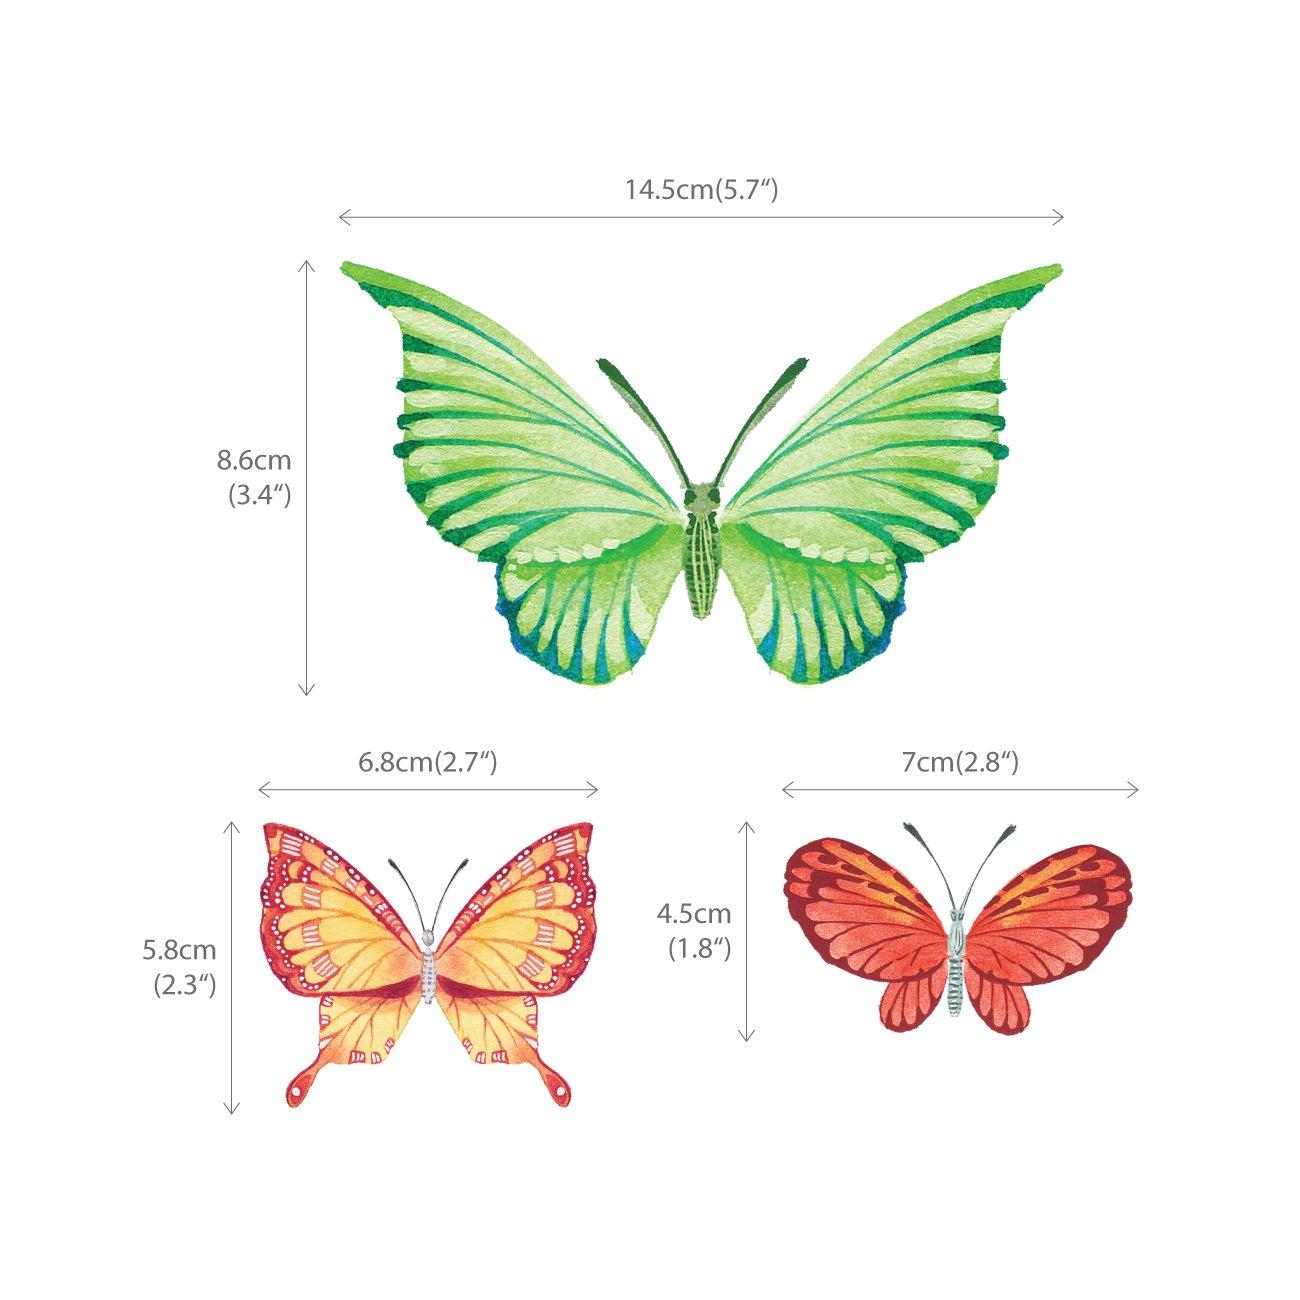 DECOWALL DS-8022 Papillons Aquarelles Autocollants Muraux Mural Stickers Chambre Enfants B/éb/é Garderie Salon Petit